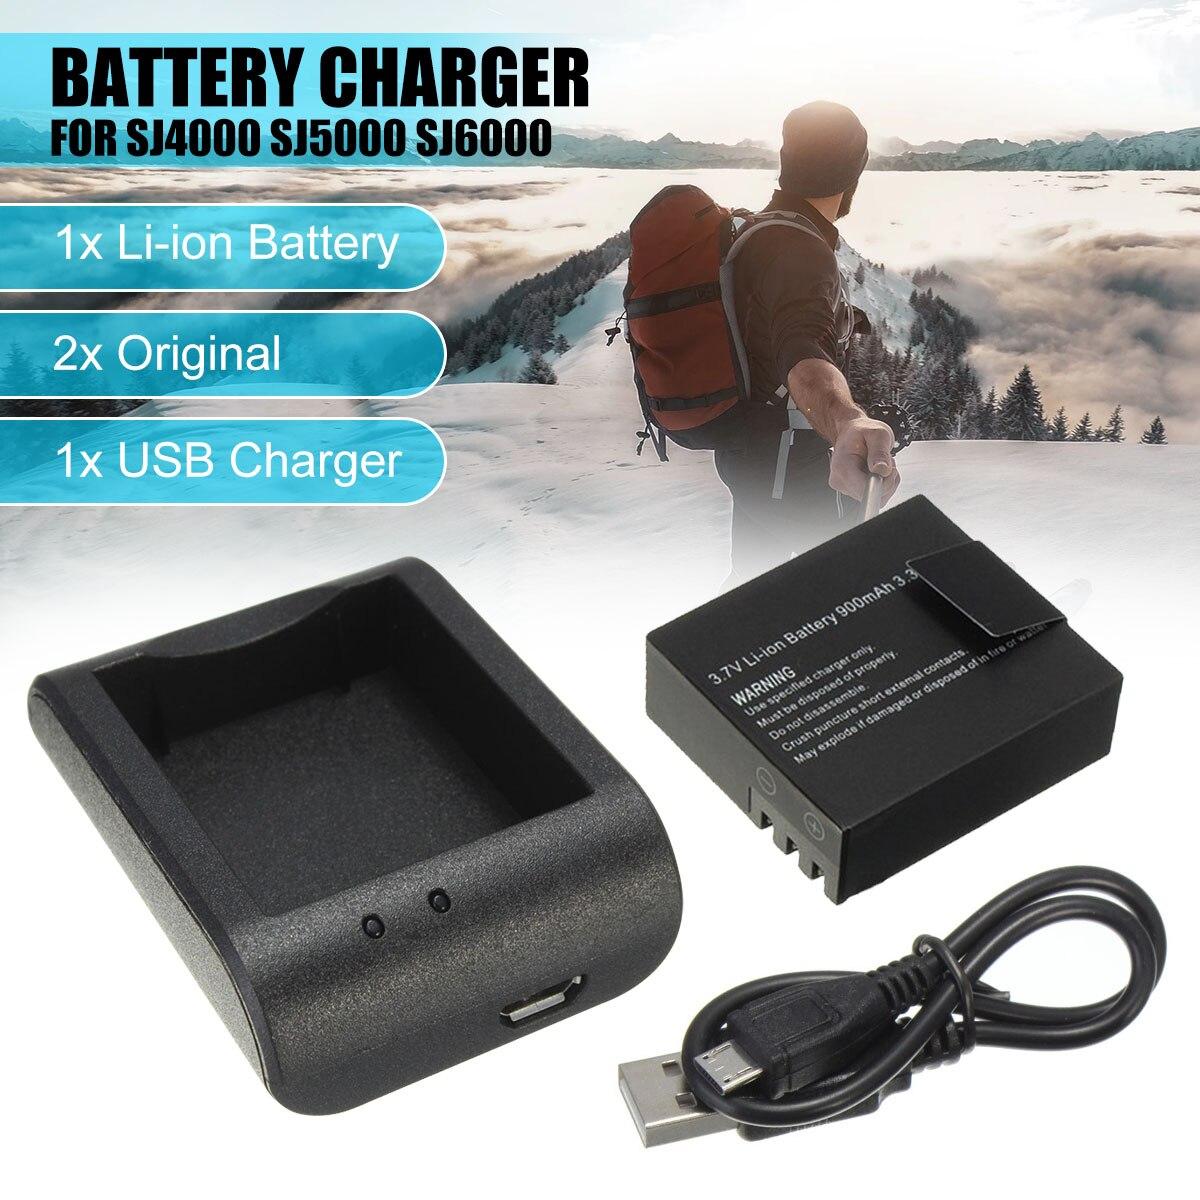 2x3.7 v 900 mah Li-ion Batterie + USB Câble Chargeur De Bureau De Charge Pour SJ4000 SJ5000 SJ6000 Action Sports caméra DVR